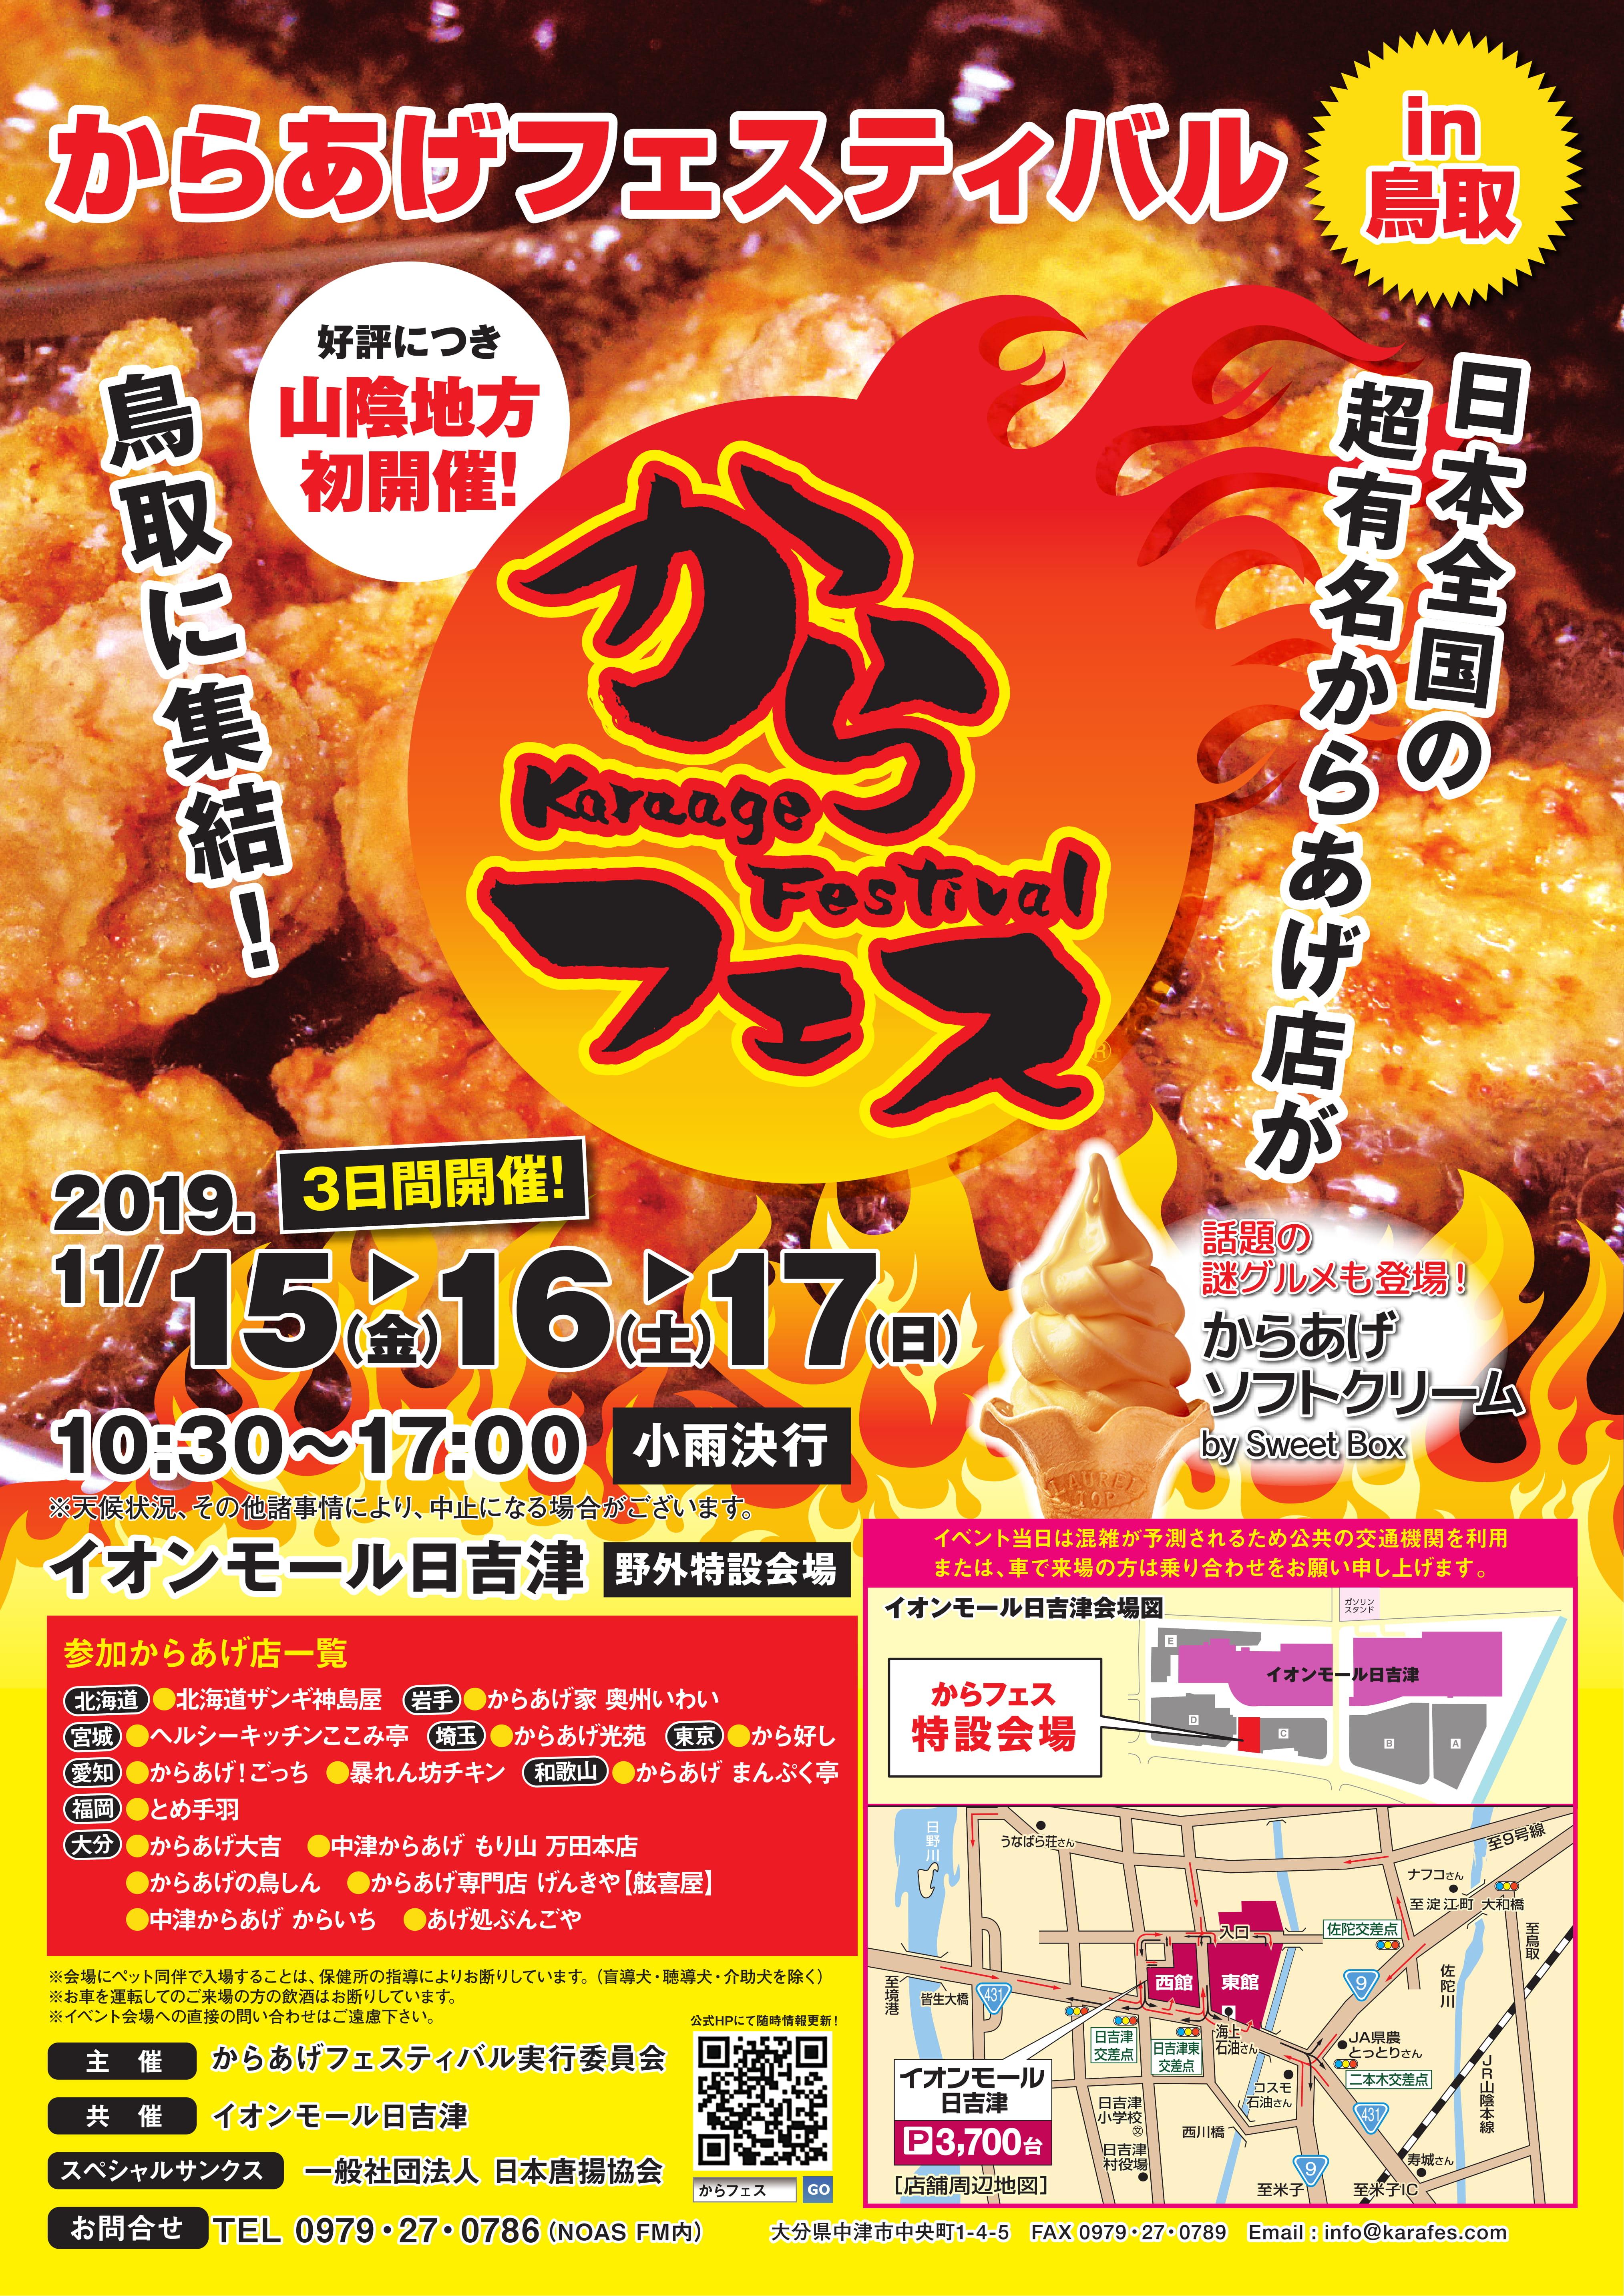 からあげフェスティバル in 鳥取